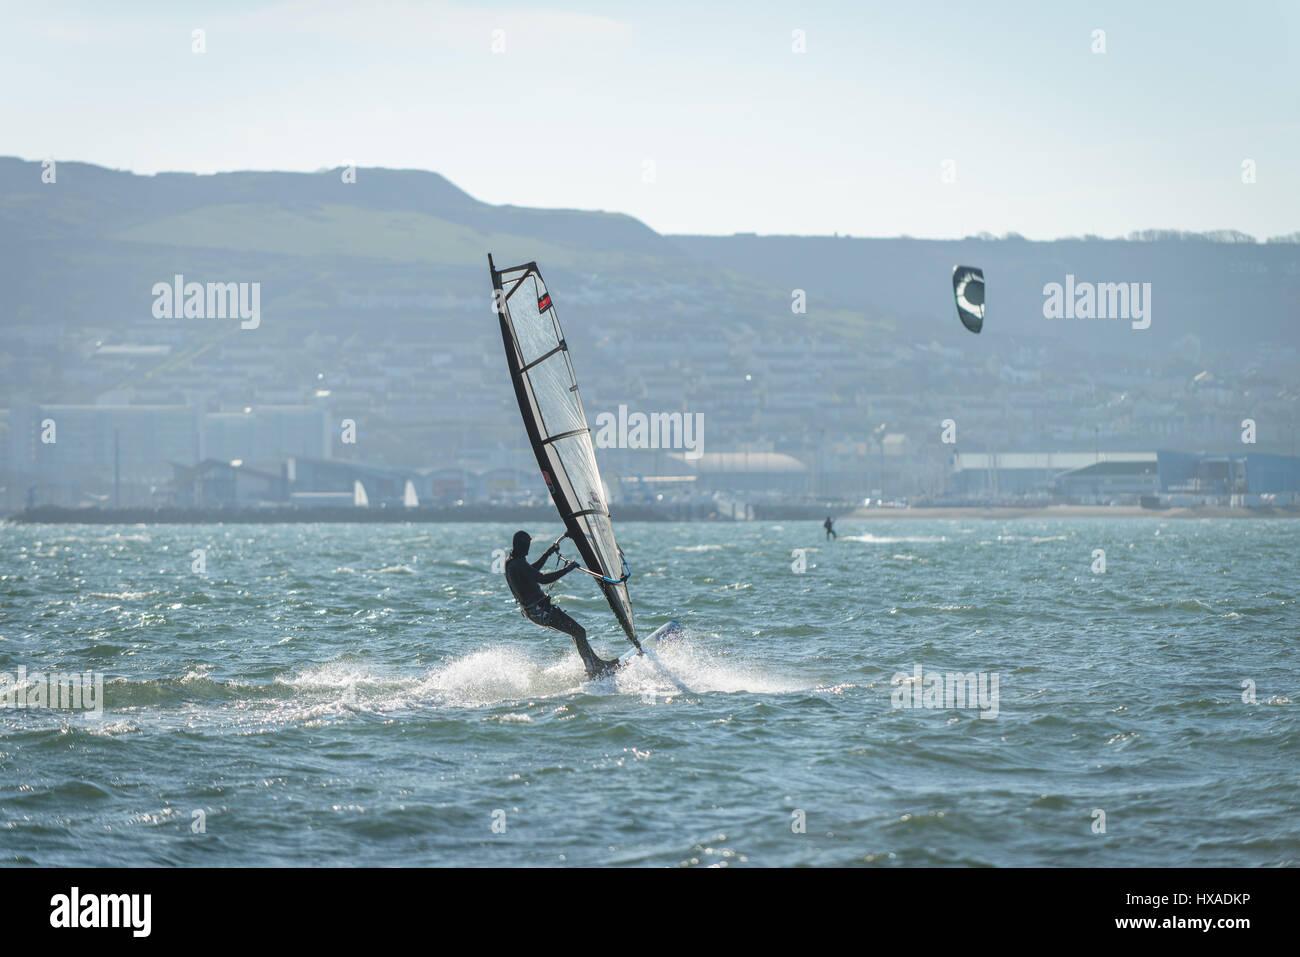 Le port de Portland, Dorset, UK. 26 mars 2017. Un homme planche sur une journée ensoleillée à windy Photo Stock